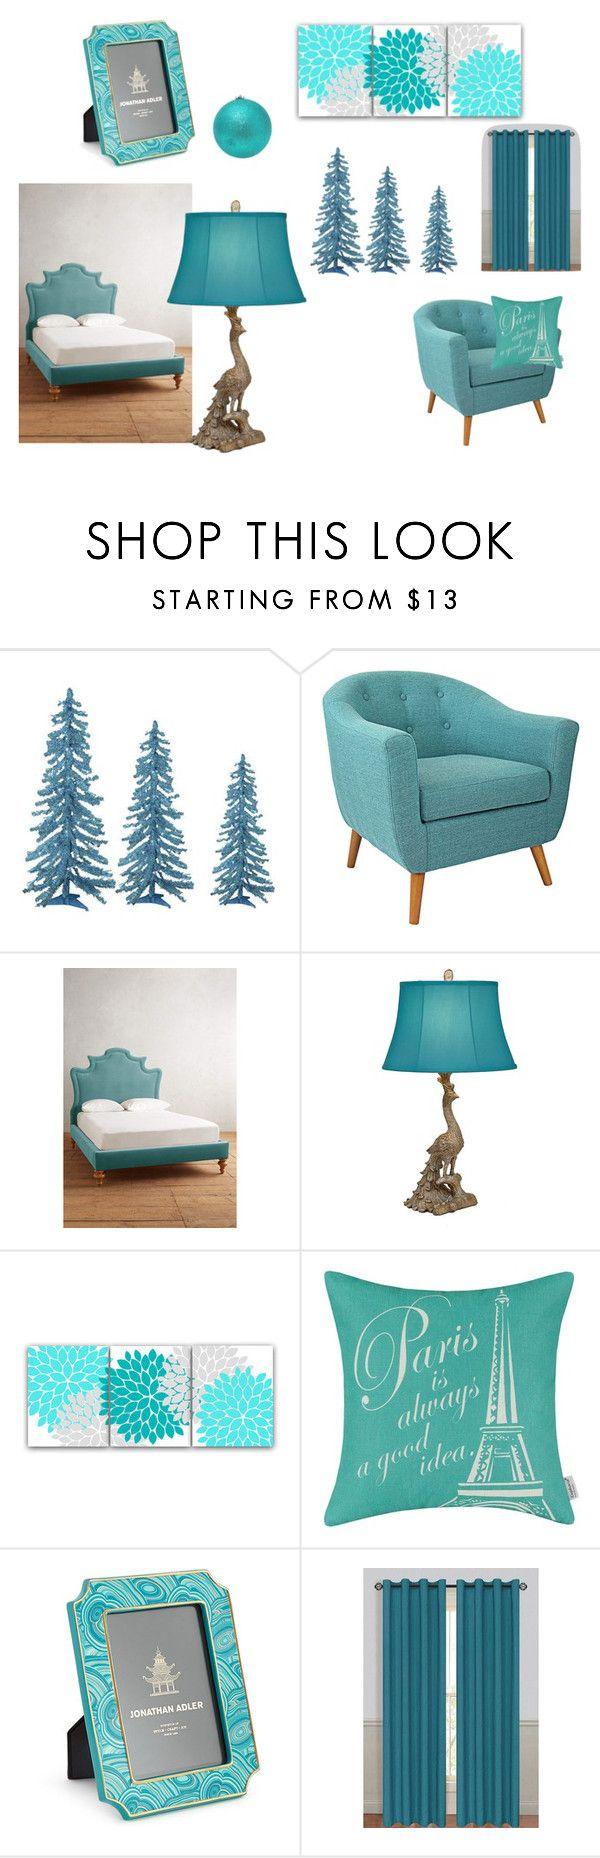 3a1d02a9f9c9a9ab5cfbbfdb70b4a5fb  teal bedrooms bedroom sets Best Of Blaugrünes Und Graues Schlafzimmer Zat3